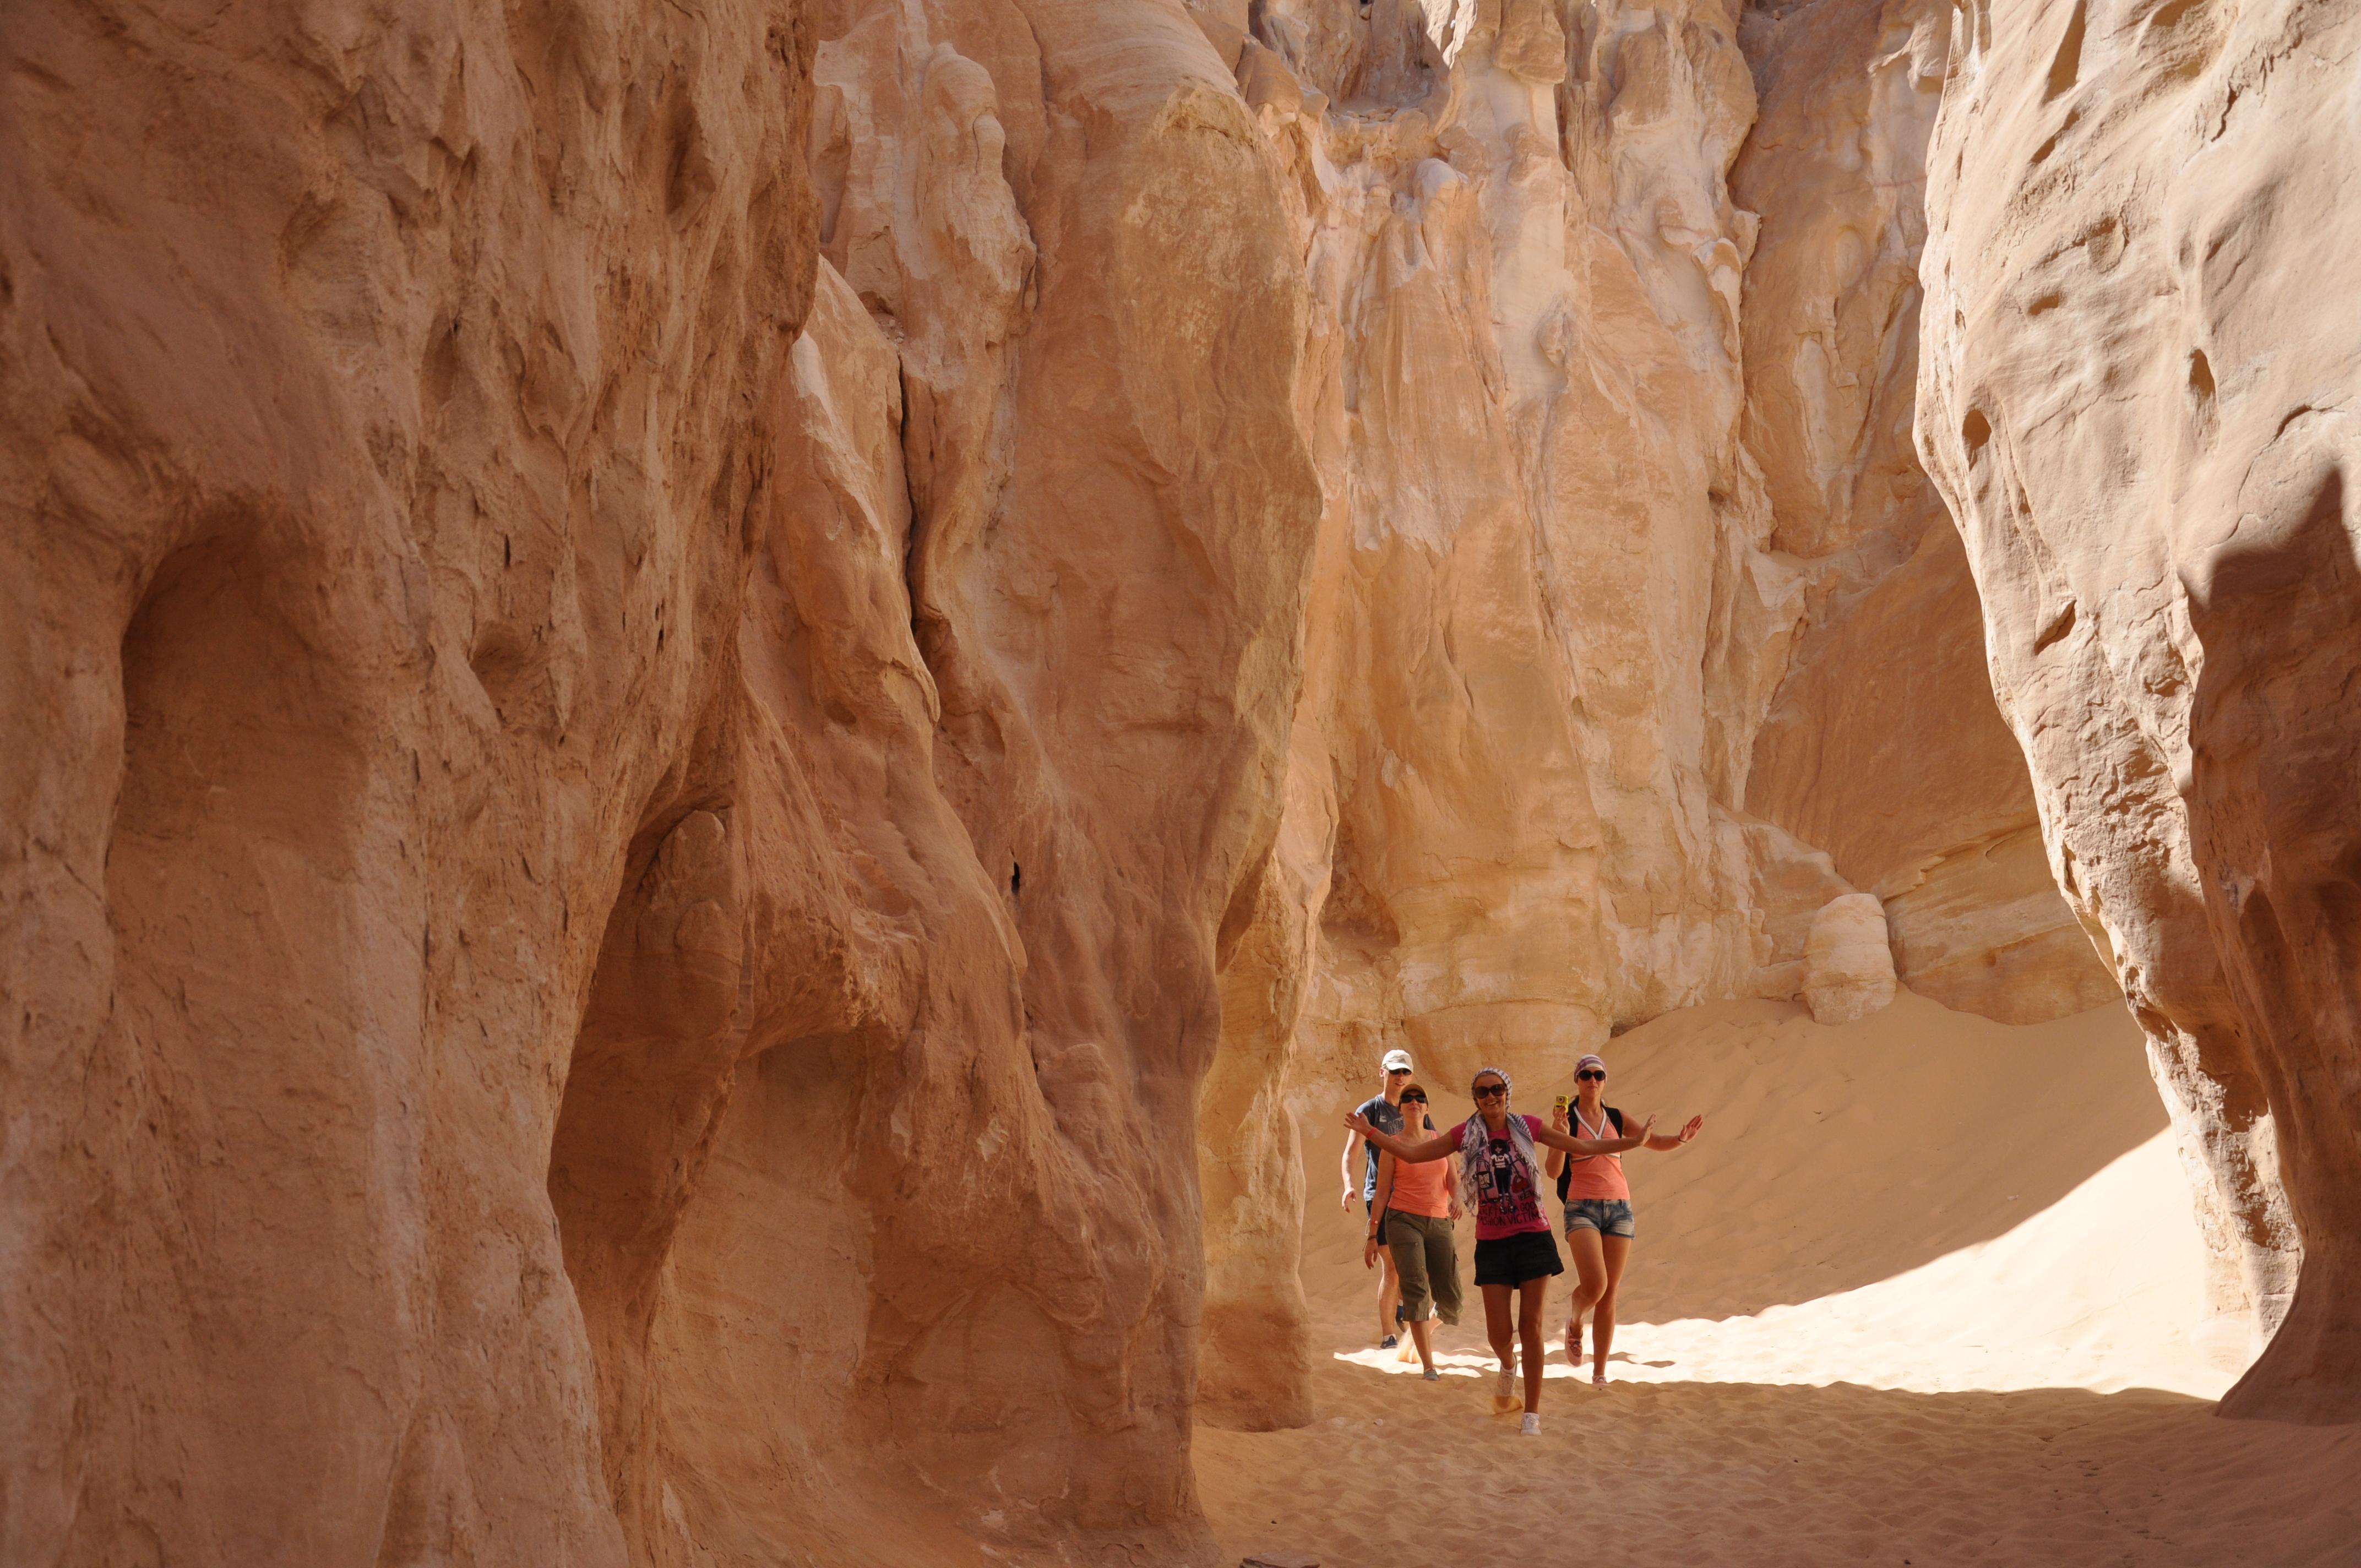 escursioni-nel-deserto